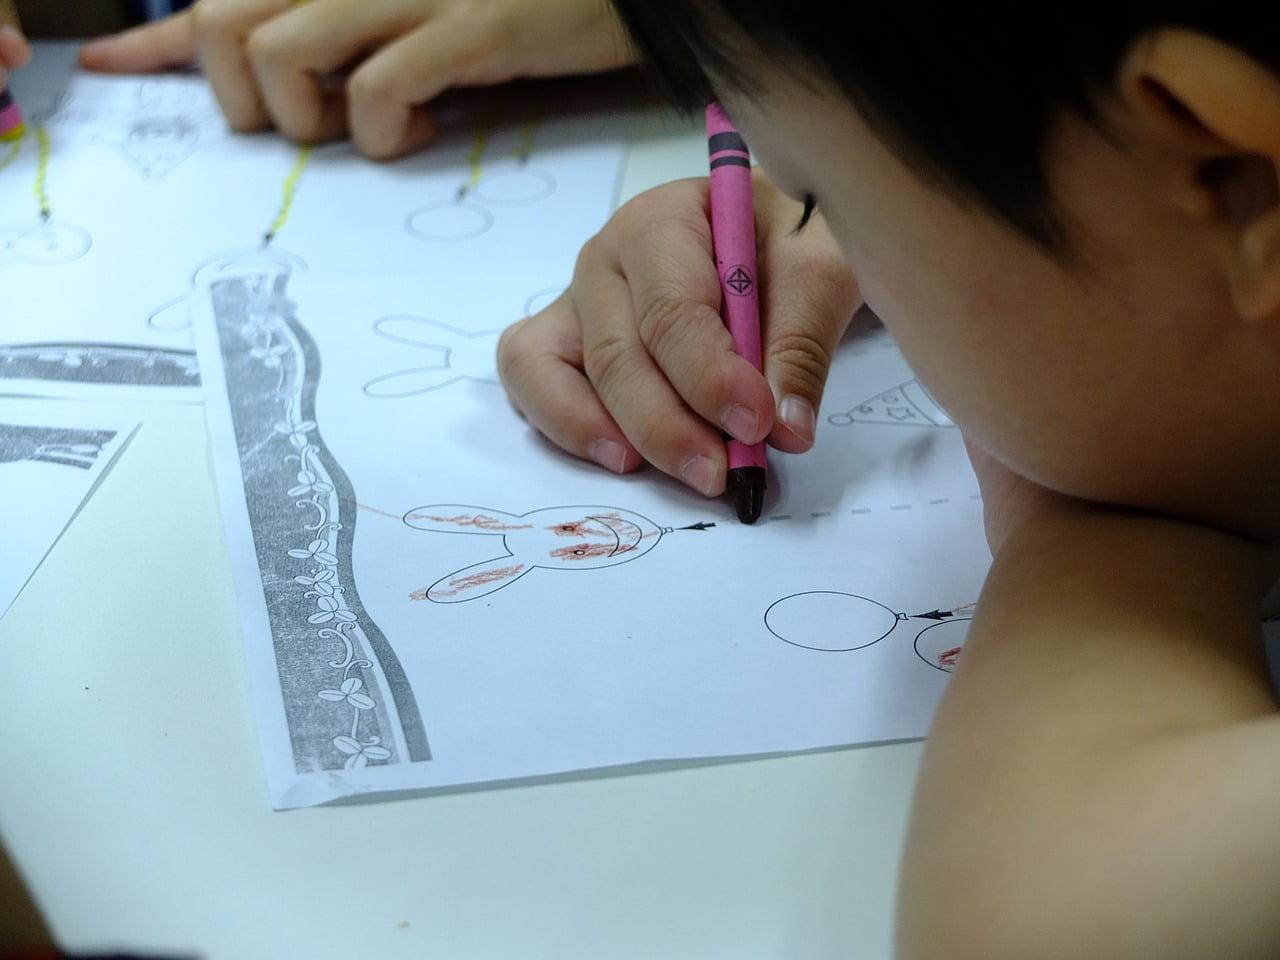 Chłopiec wykonuje ćwiczenia grafomotoryczne.